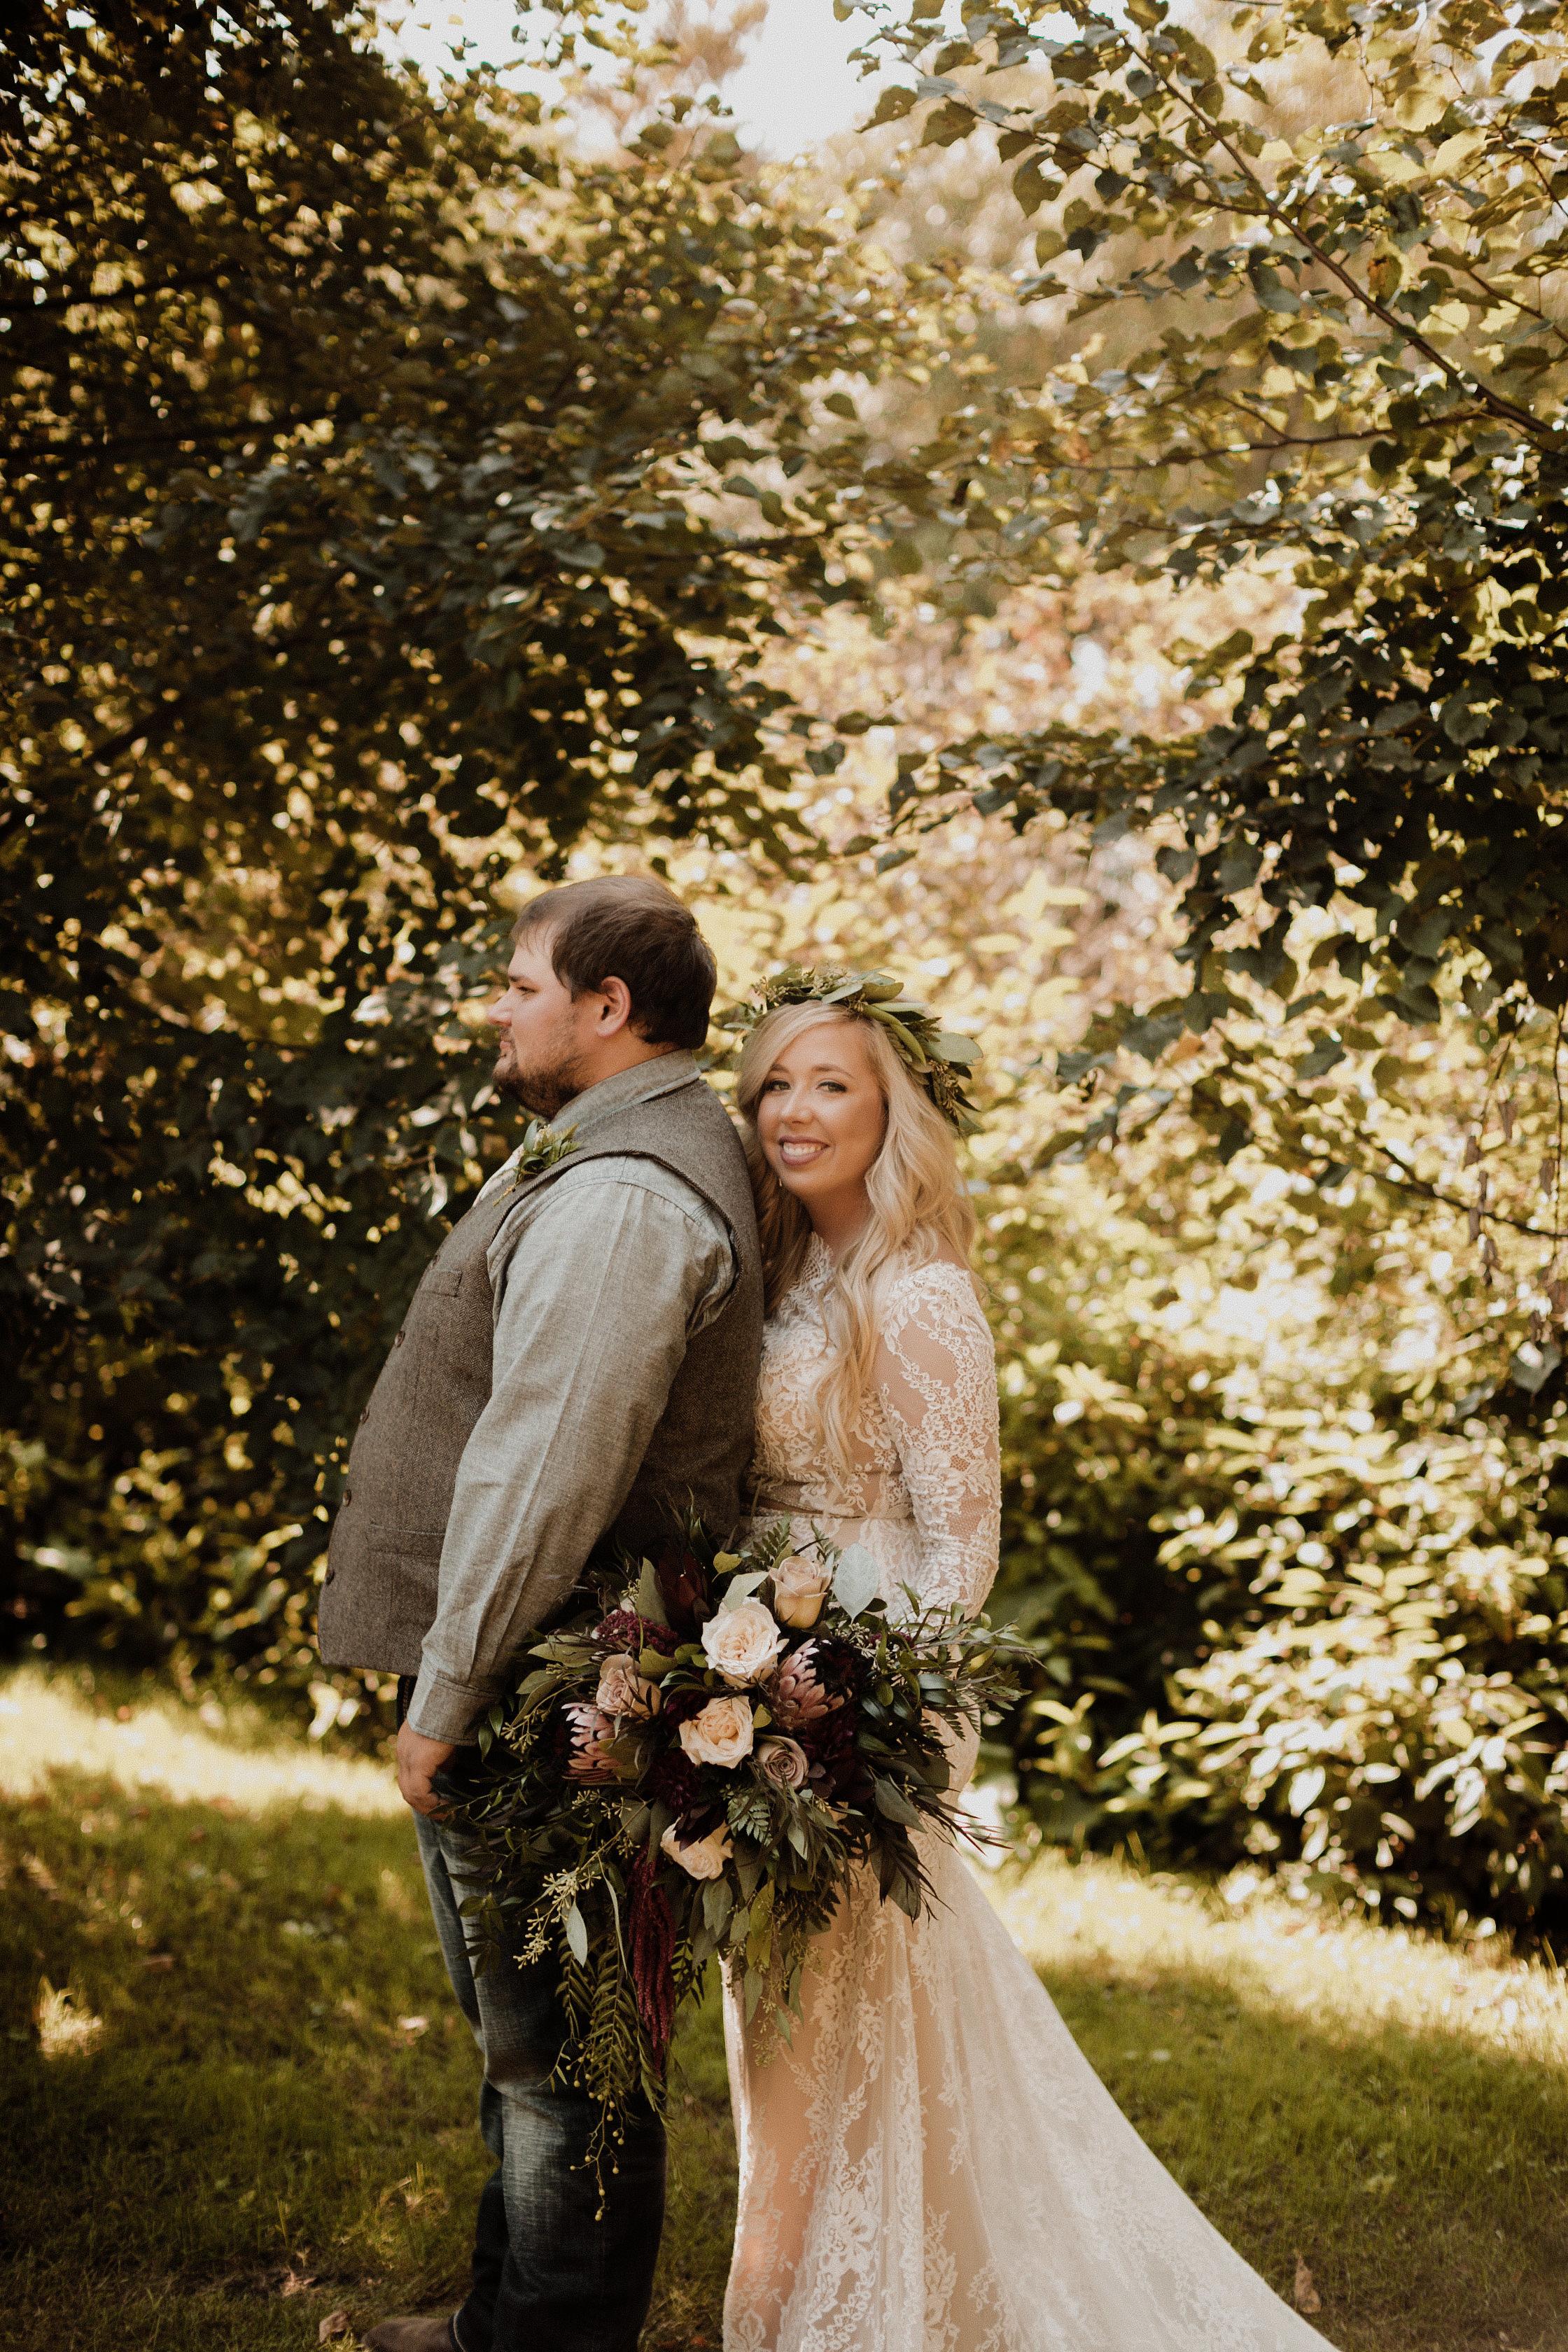 Skylar+Brock_Wedding_TonyaHjortPhotography-152.jpg